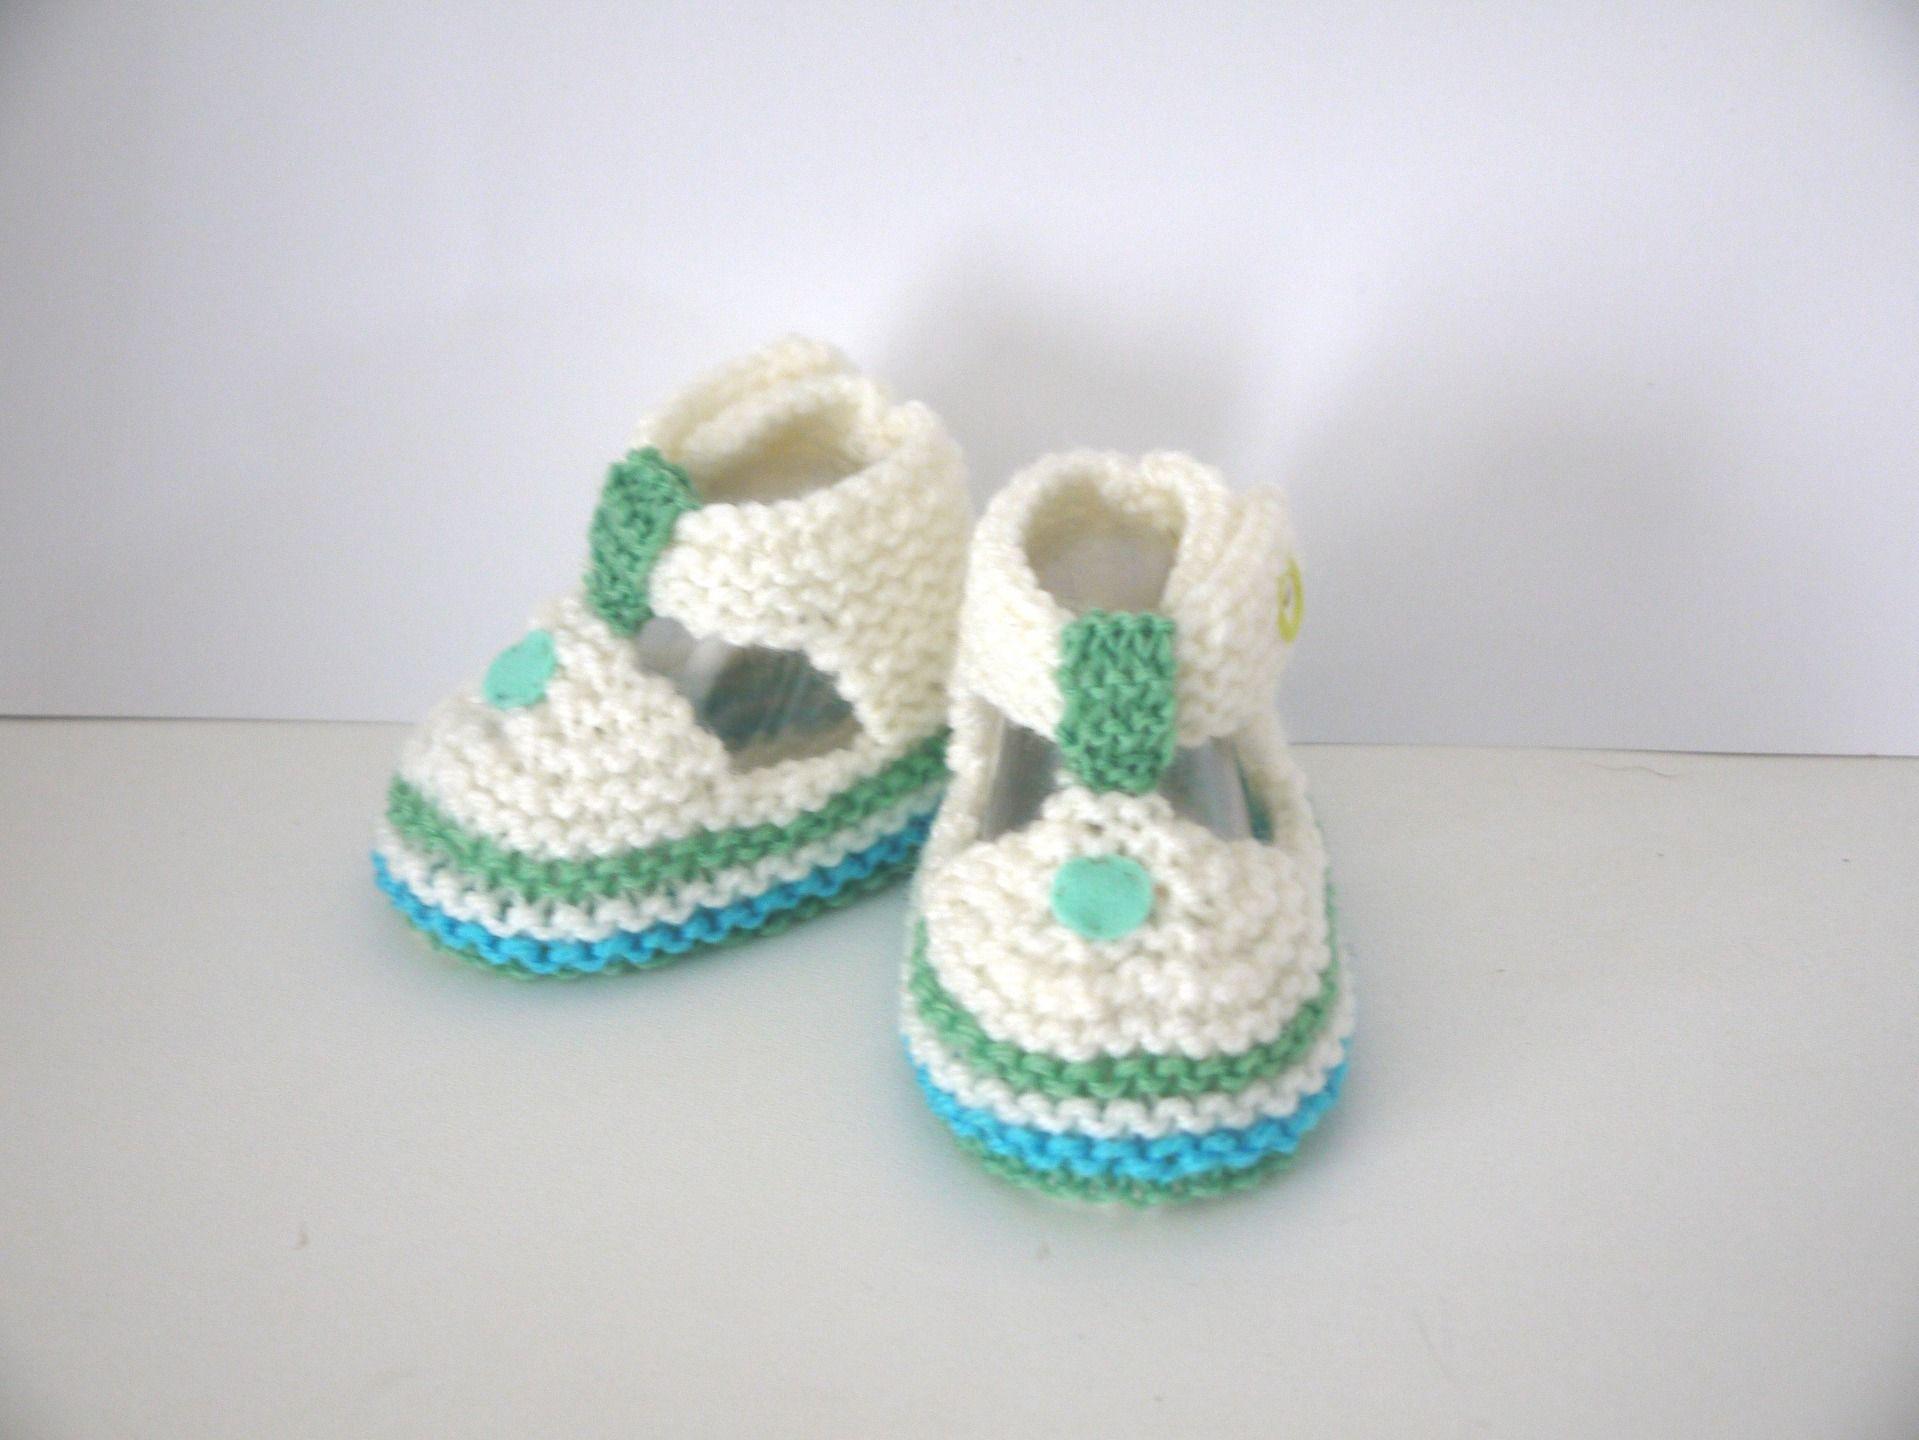 bf2e439924b09 CHAUSSURES CHAUSSONS 6 9 mois Bébé Garçon sandales LAINE FAIT MAIN LAYETTE  écru turquoise vert   Mode Bébé par sweet-creas